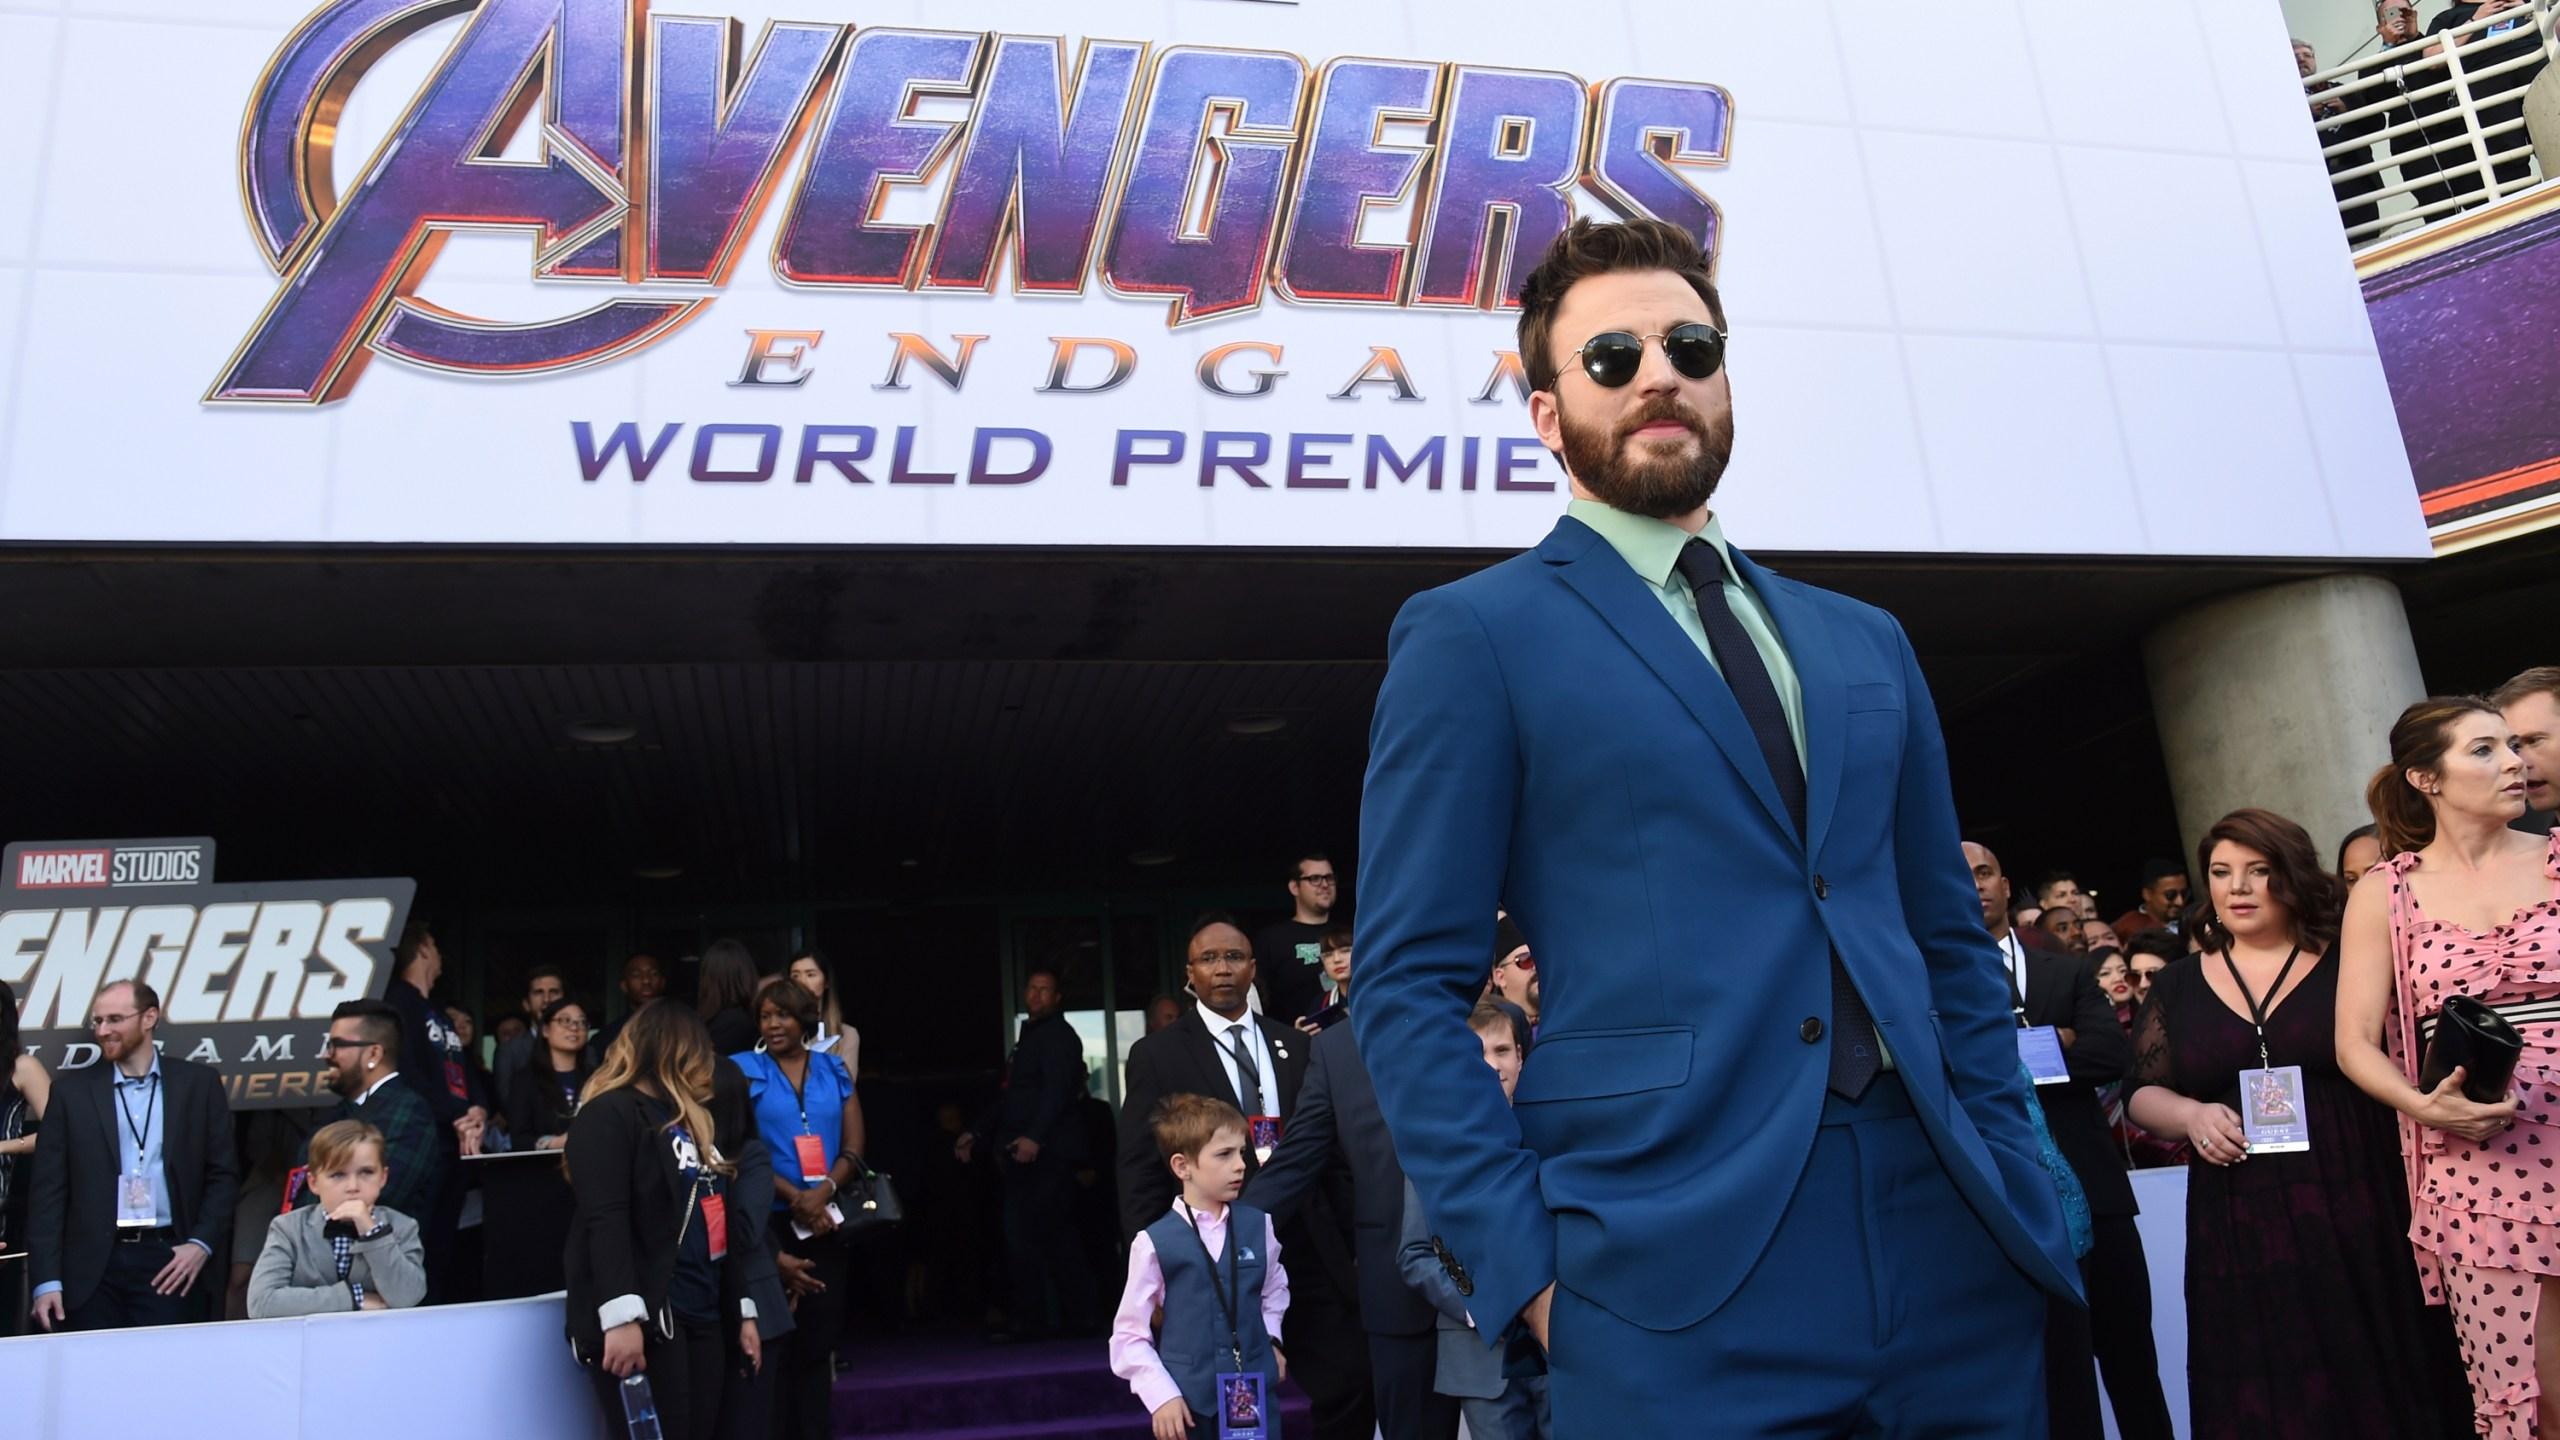 LA_Premiere_of__Avengers__Endgame__-_Red_Carpet_23577-159532-159532.jpg57991888